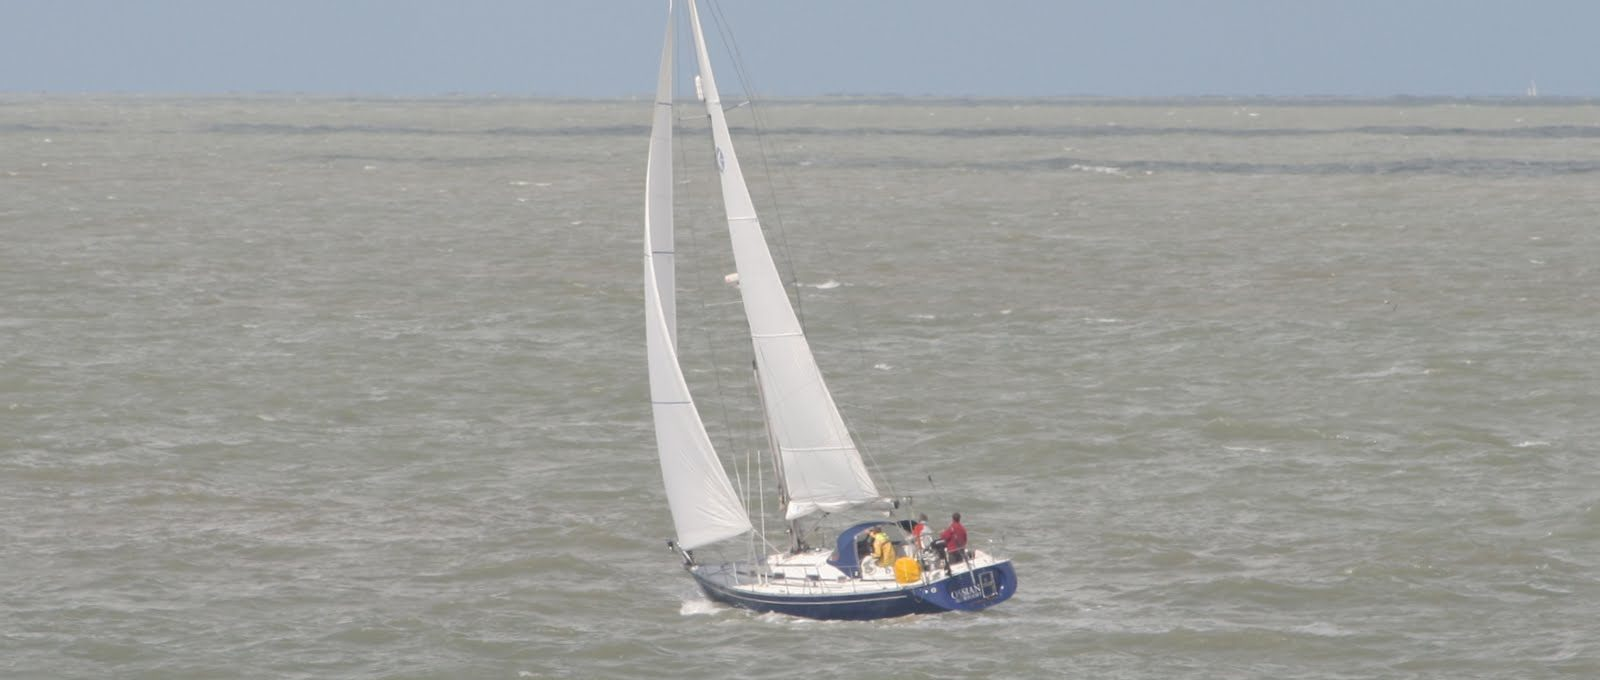 Zeebrugge 2011